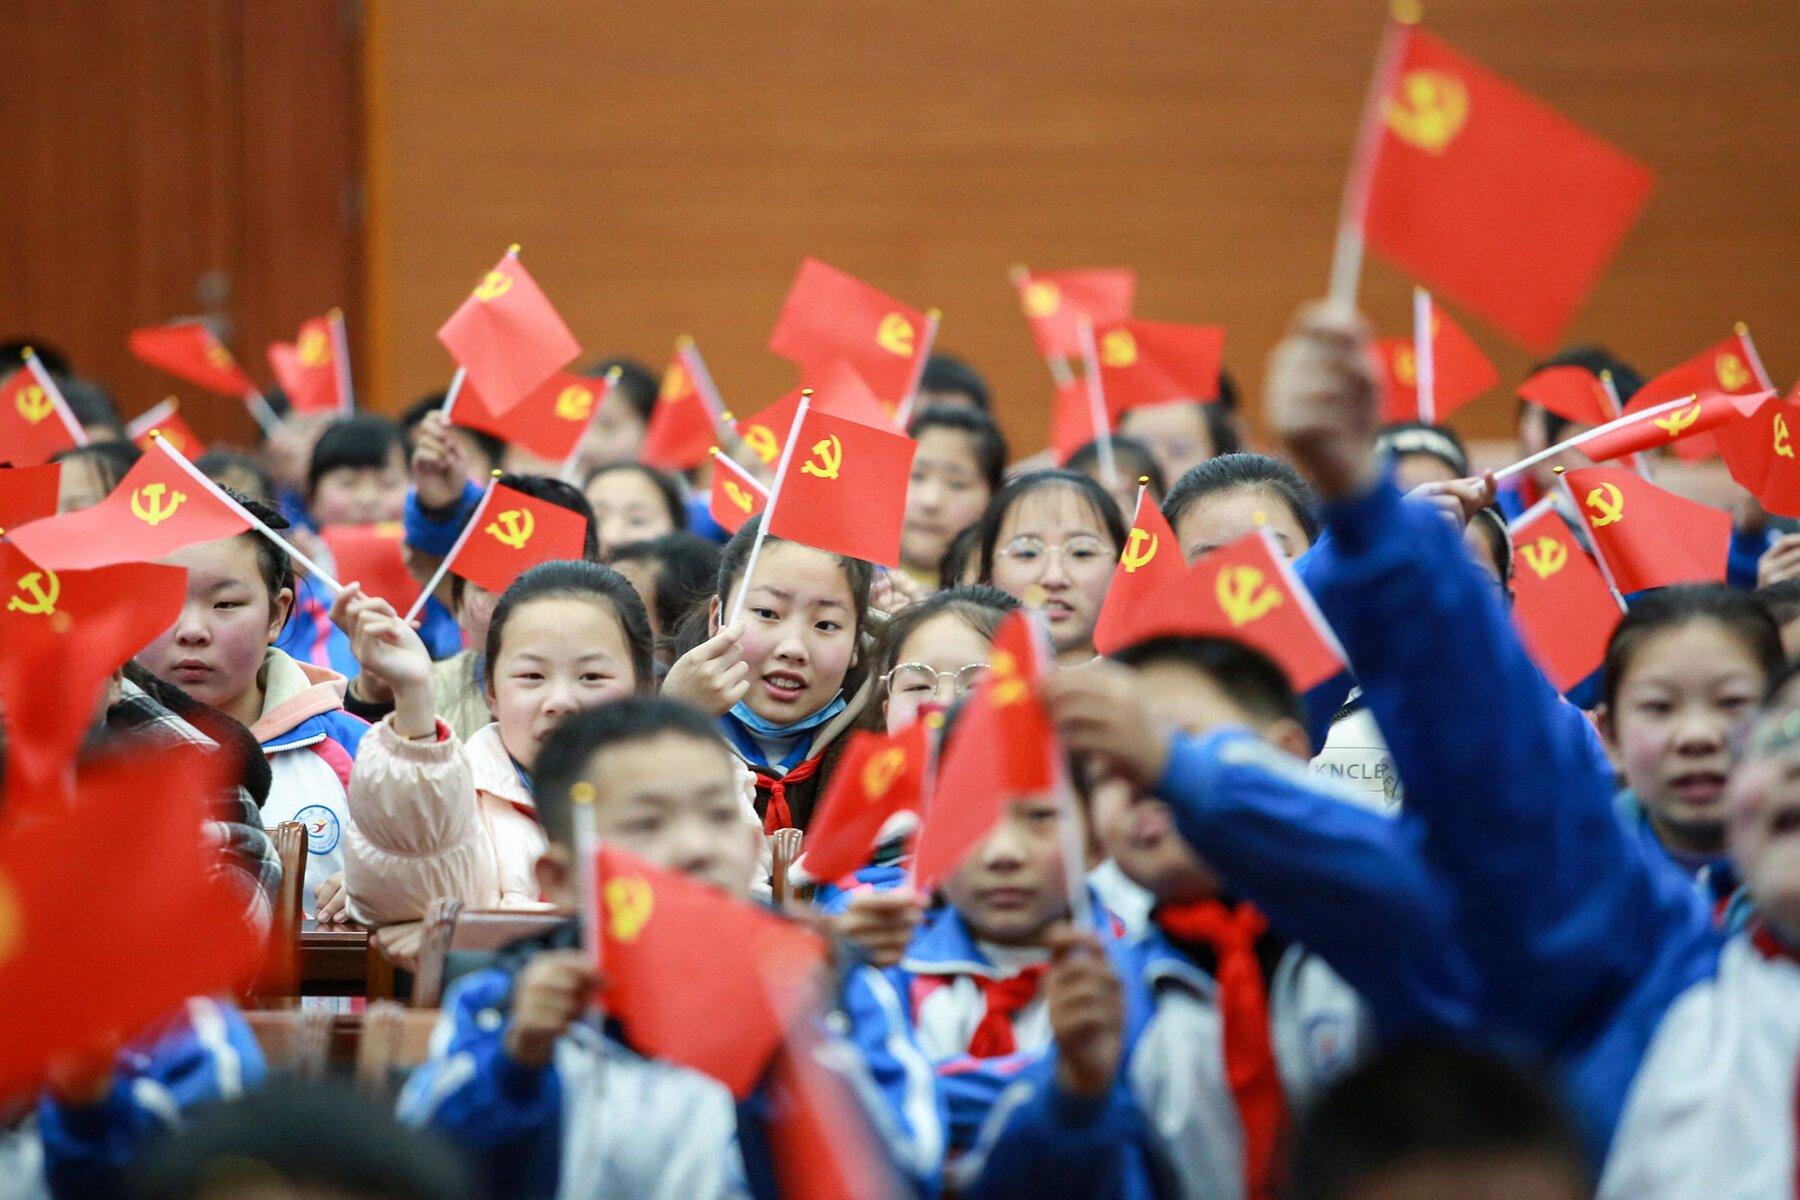 Le Parti communiste chinoise célèbrera le centenaire de sa fondation le 1er juillet 2021. (Source : NYT)